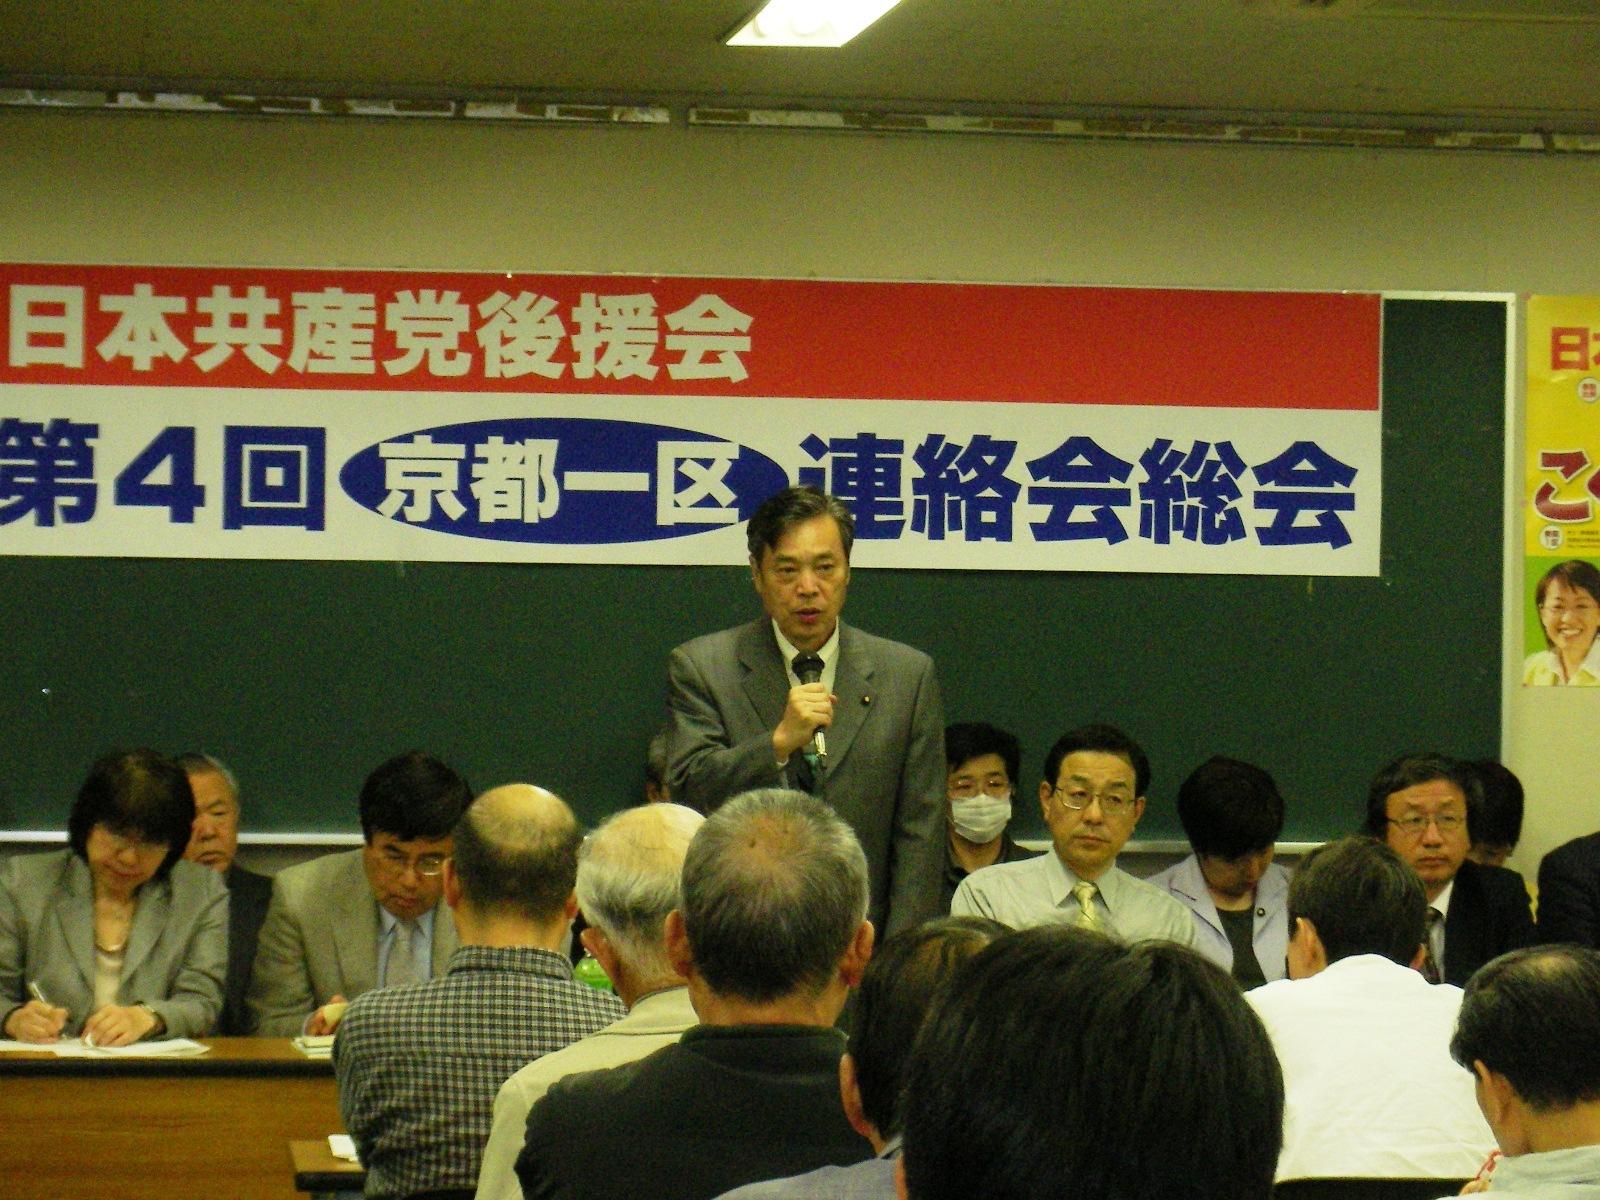 京都1区後援連総会